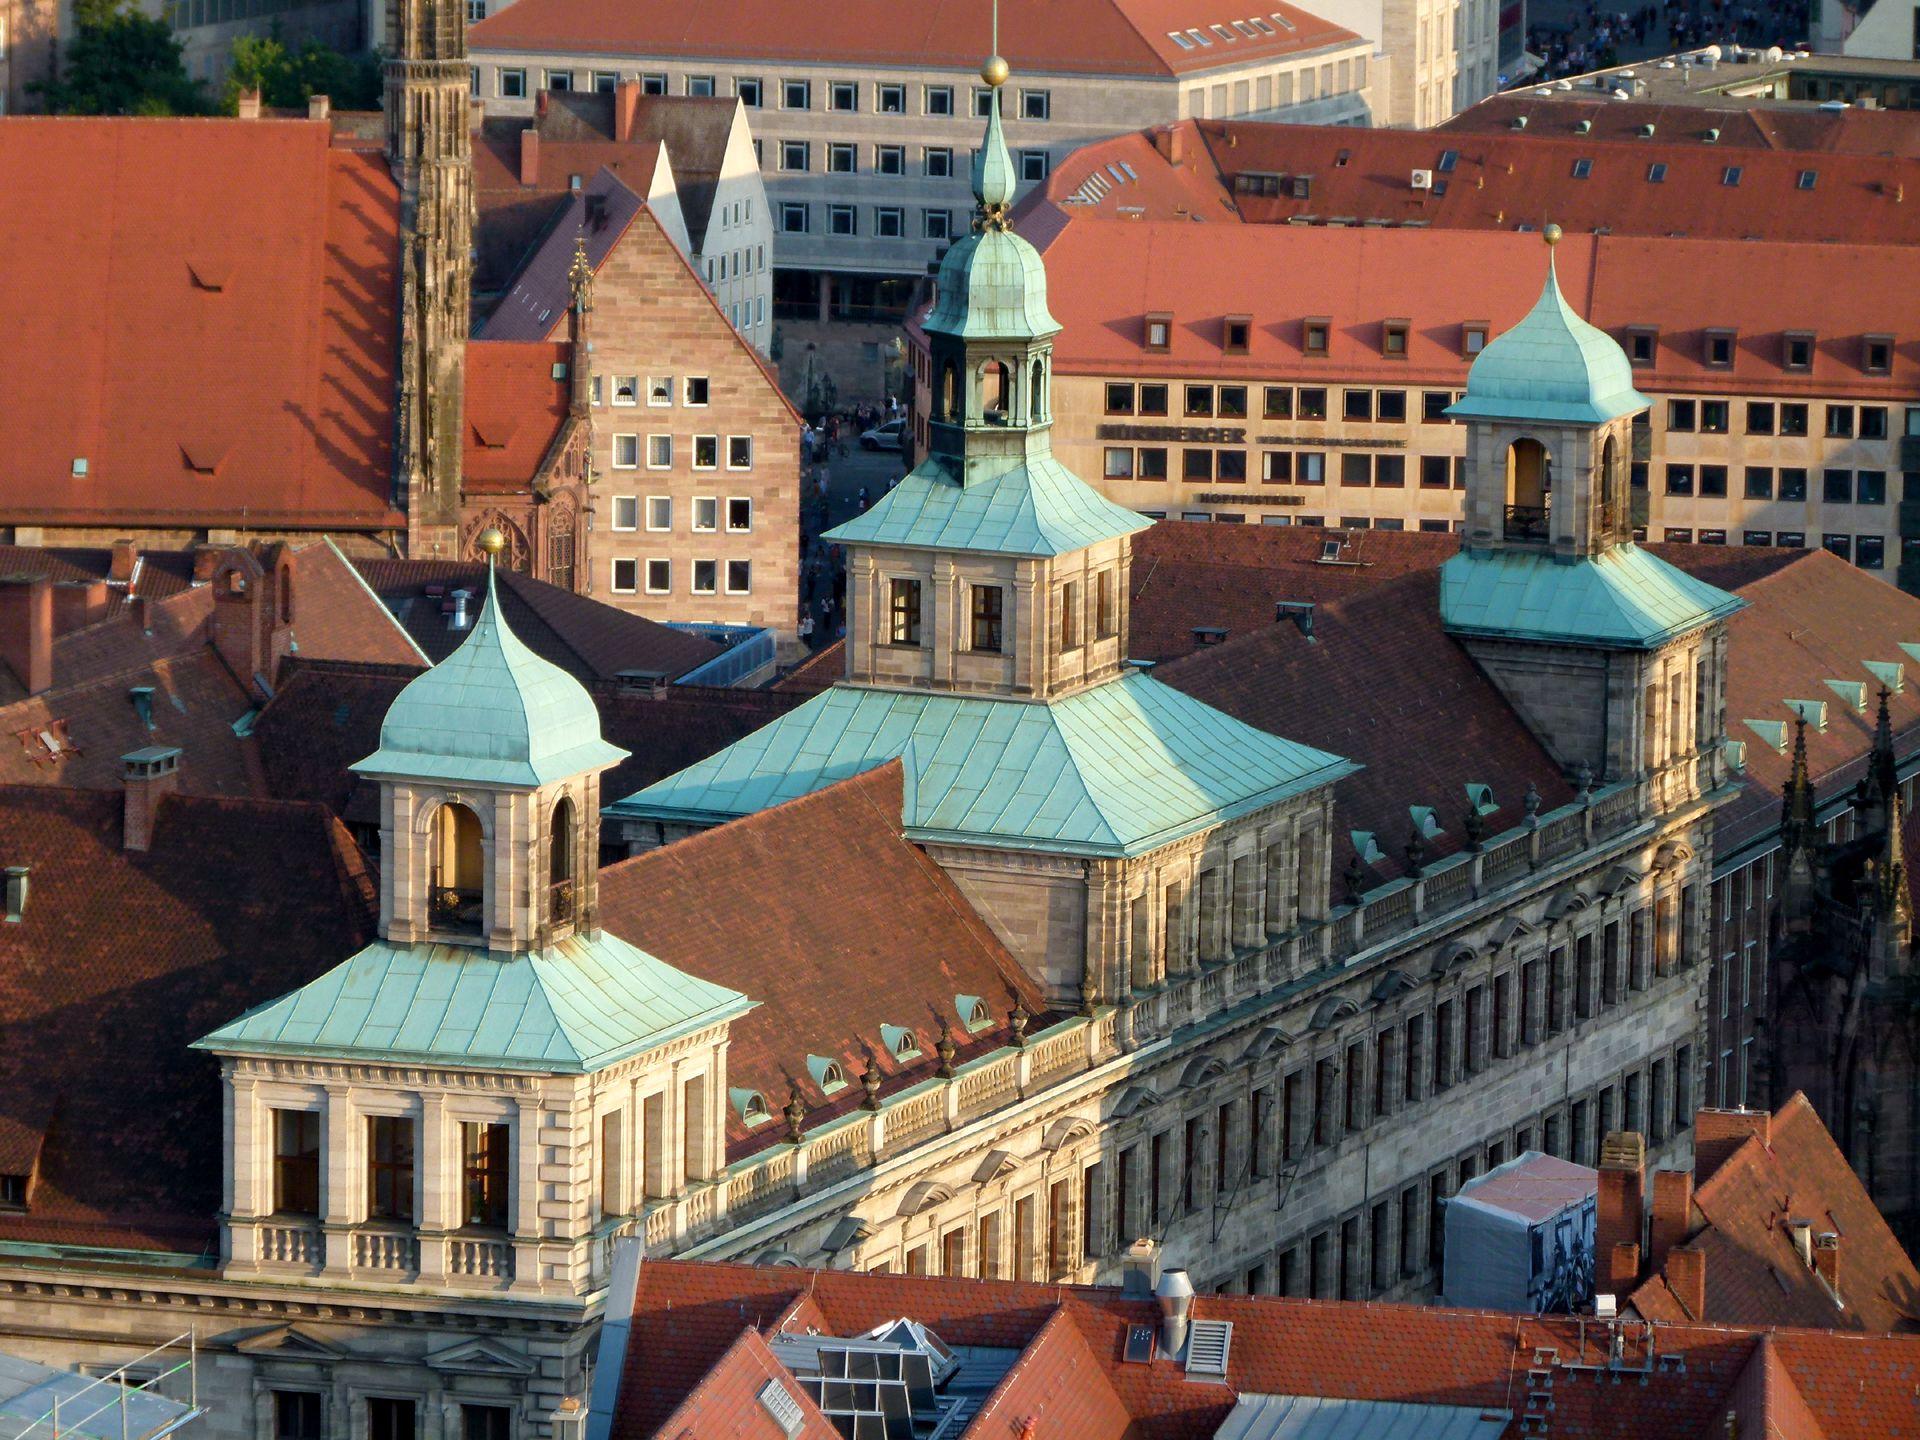 Rathaus, Wolffscher Bau Dachaufbauten von NW